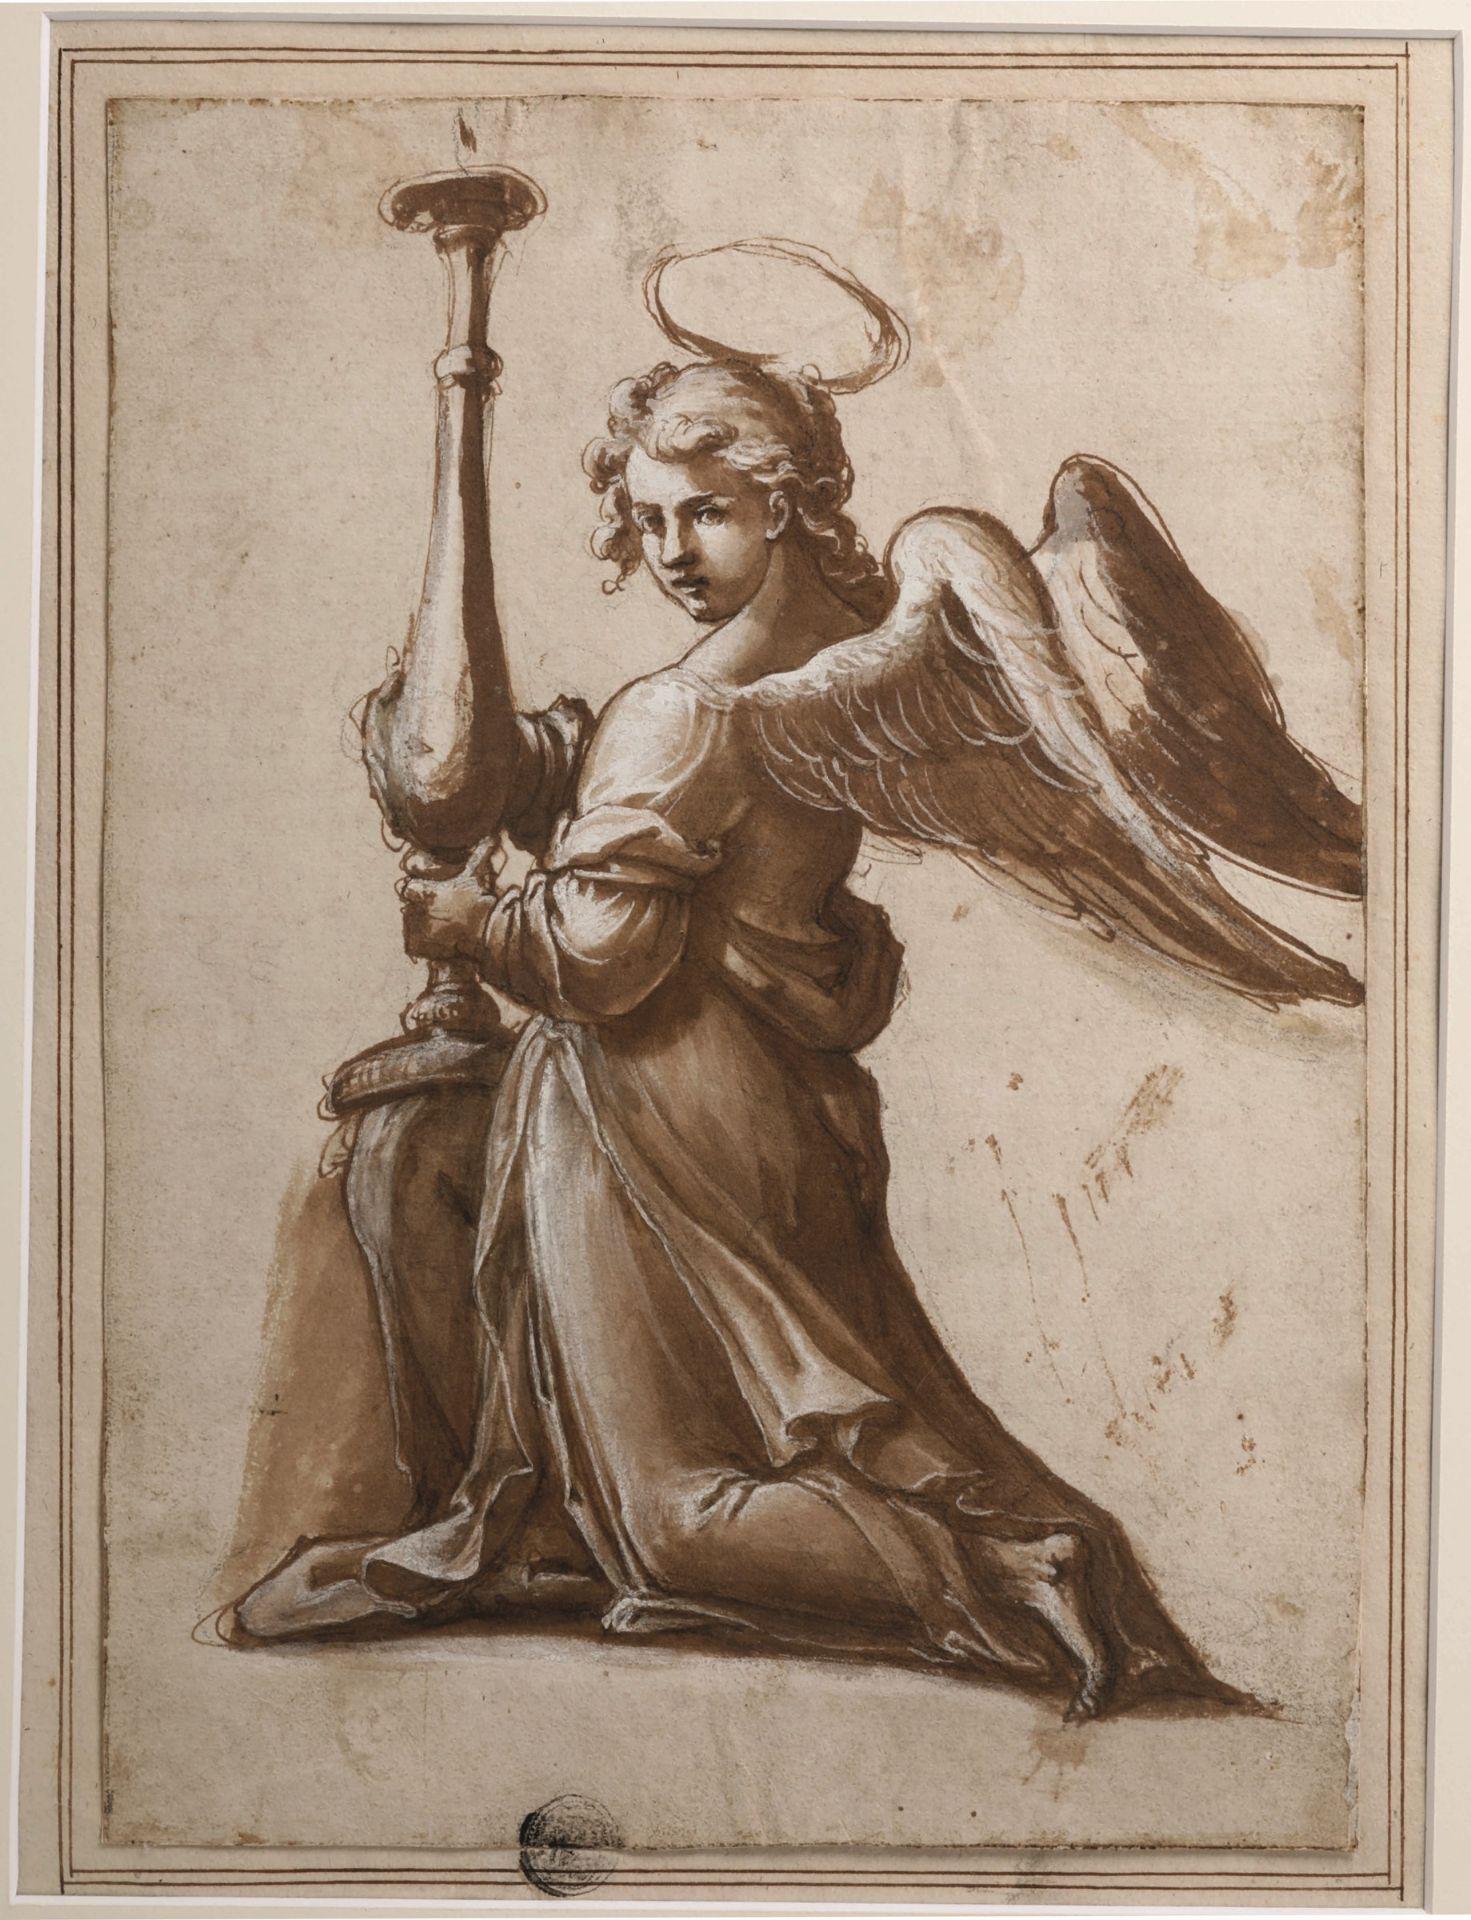 Los 5 - Scuola italiana dell'inizio del XVII secolo, Cherubino con candeliere - penna e [...]